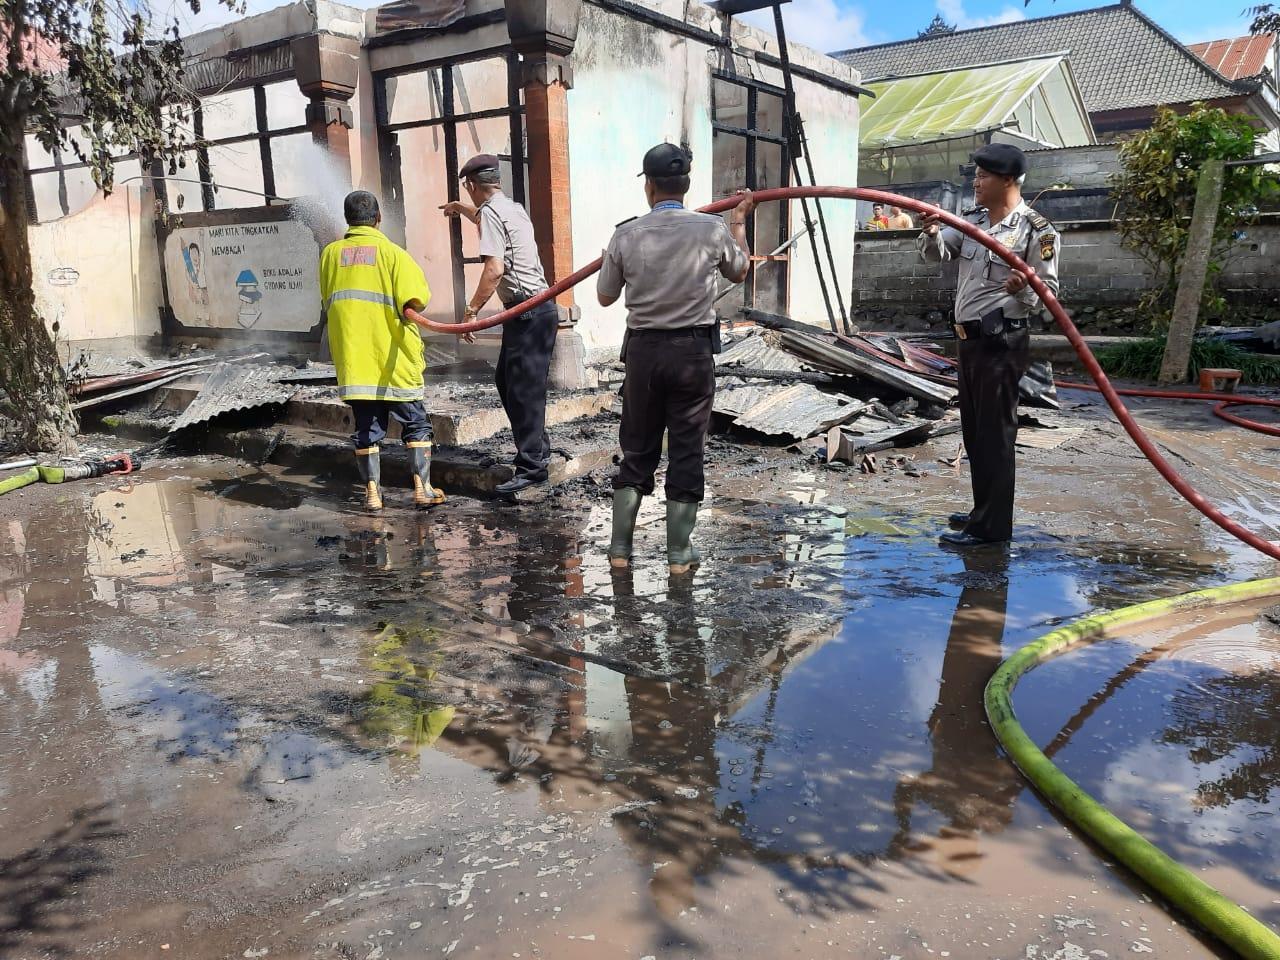 KEBAKARAN yang meludeskan gudang SDN 3 Pengotan, di Banjar Padpadan, Desa Pengotan, Bangli Senin (16/3/2020). Foto: aan girinatha